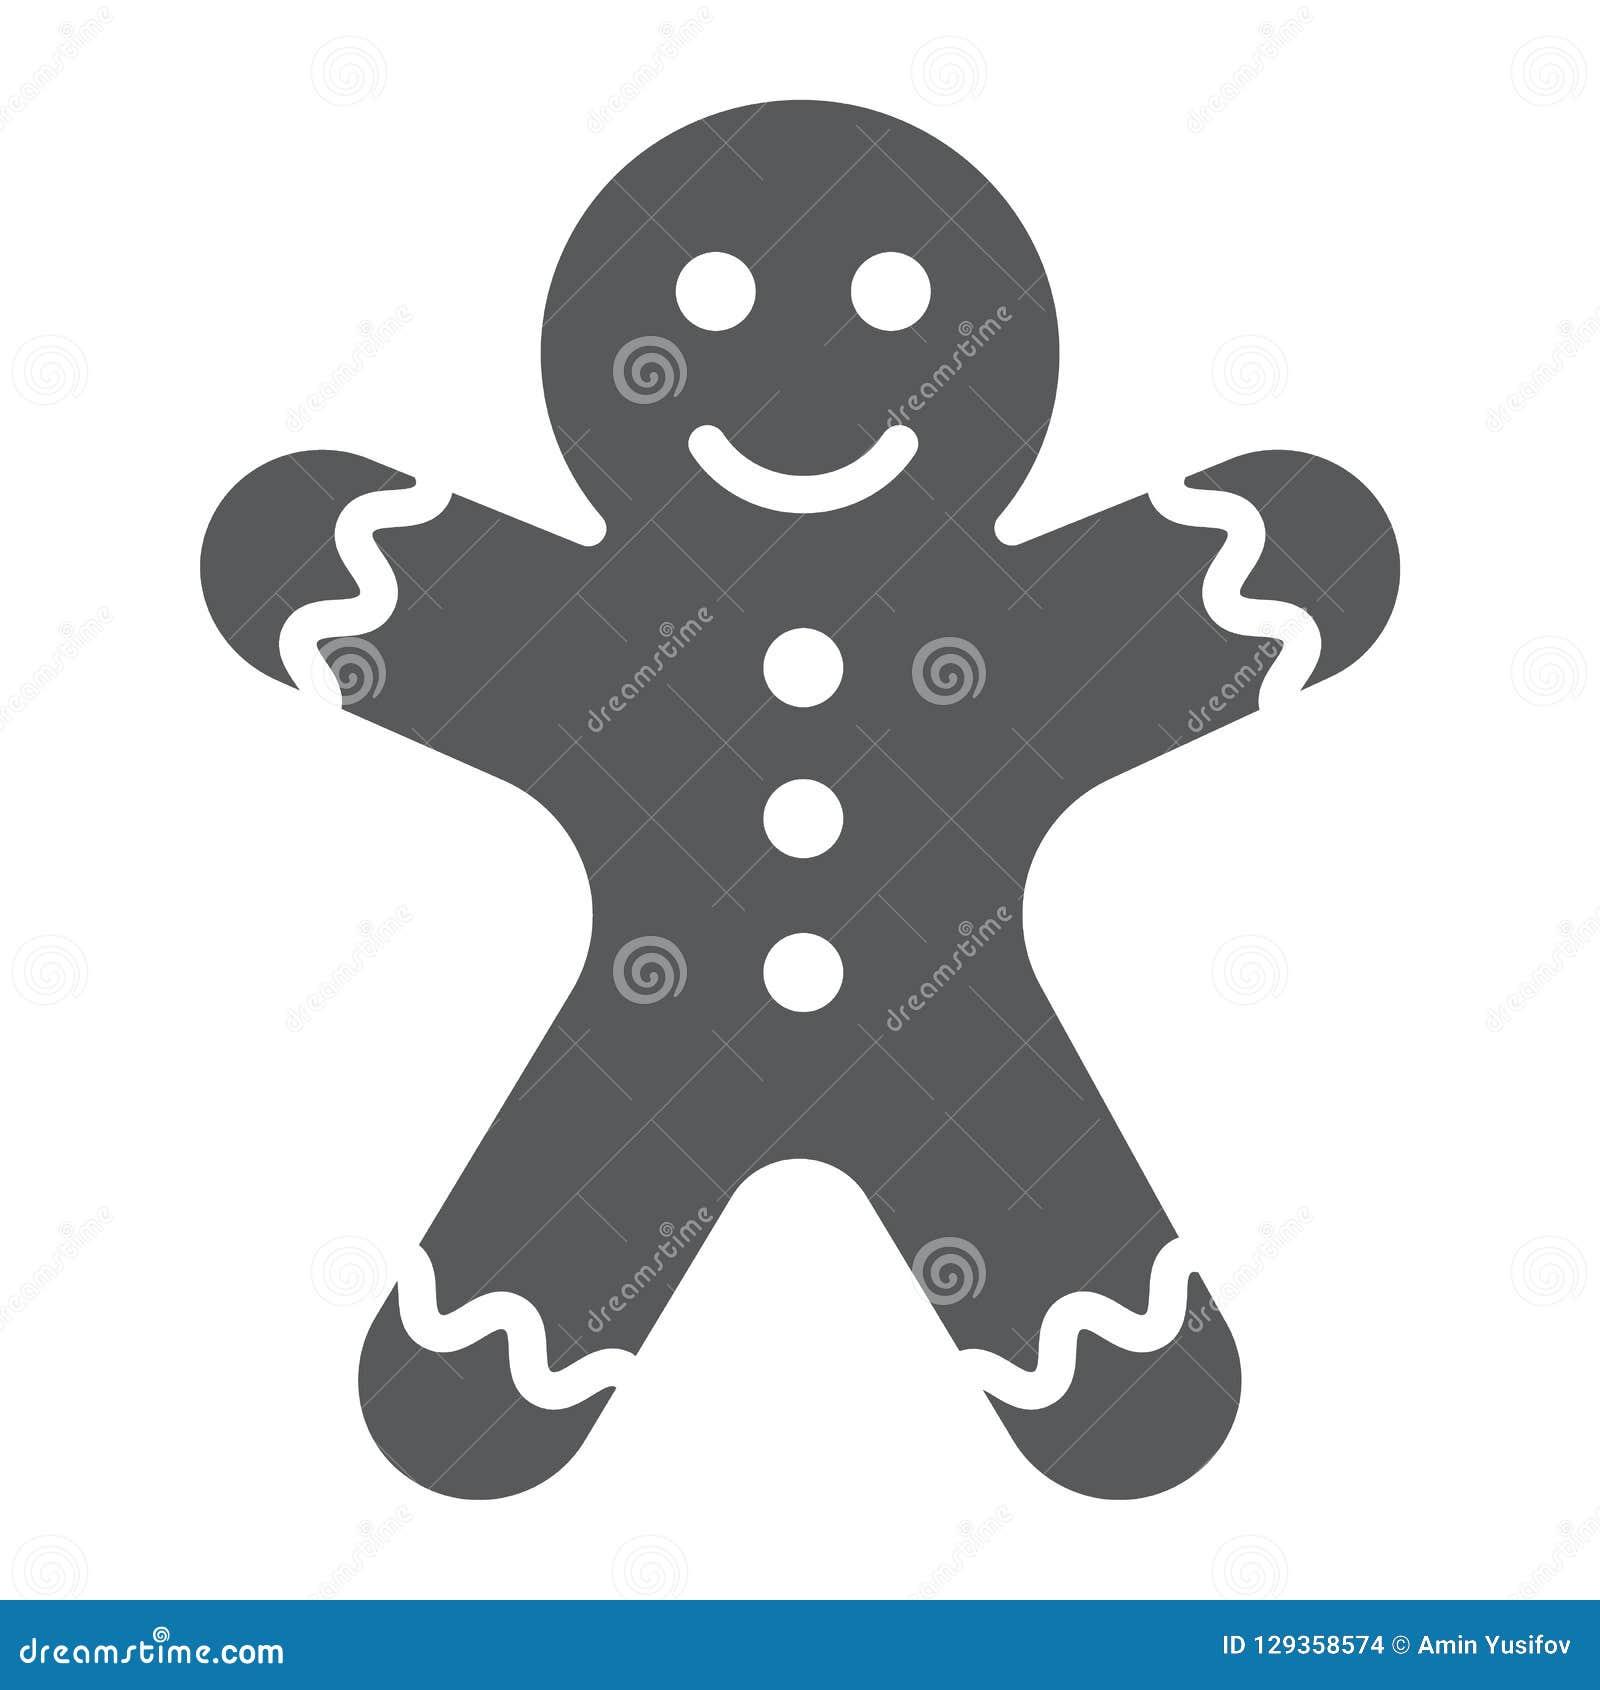 Εικονίδιο ατόμων μελοψωμάτων glyph, Χριστούγεννα και γλυκός, σημάδι μπισκότων, διανυσματική γραφική παράσταση, ένα στερεό σχέδιο